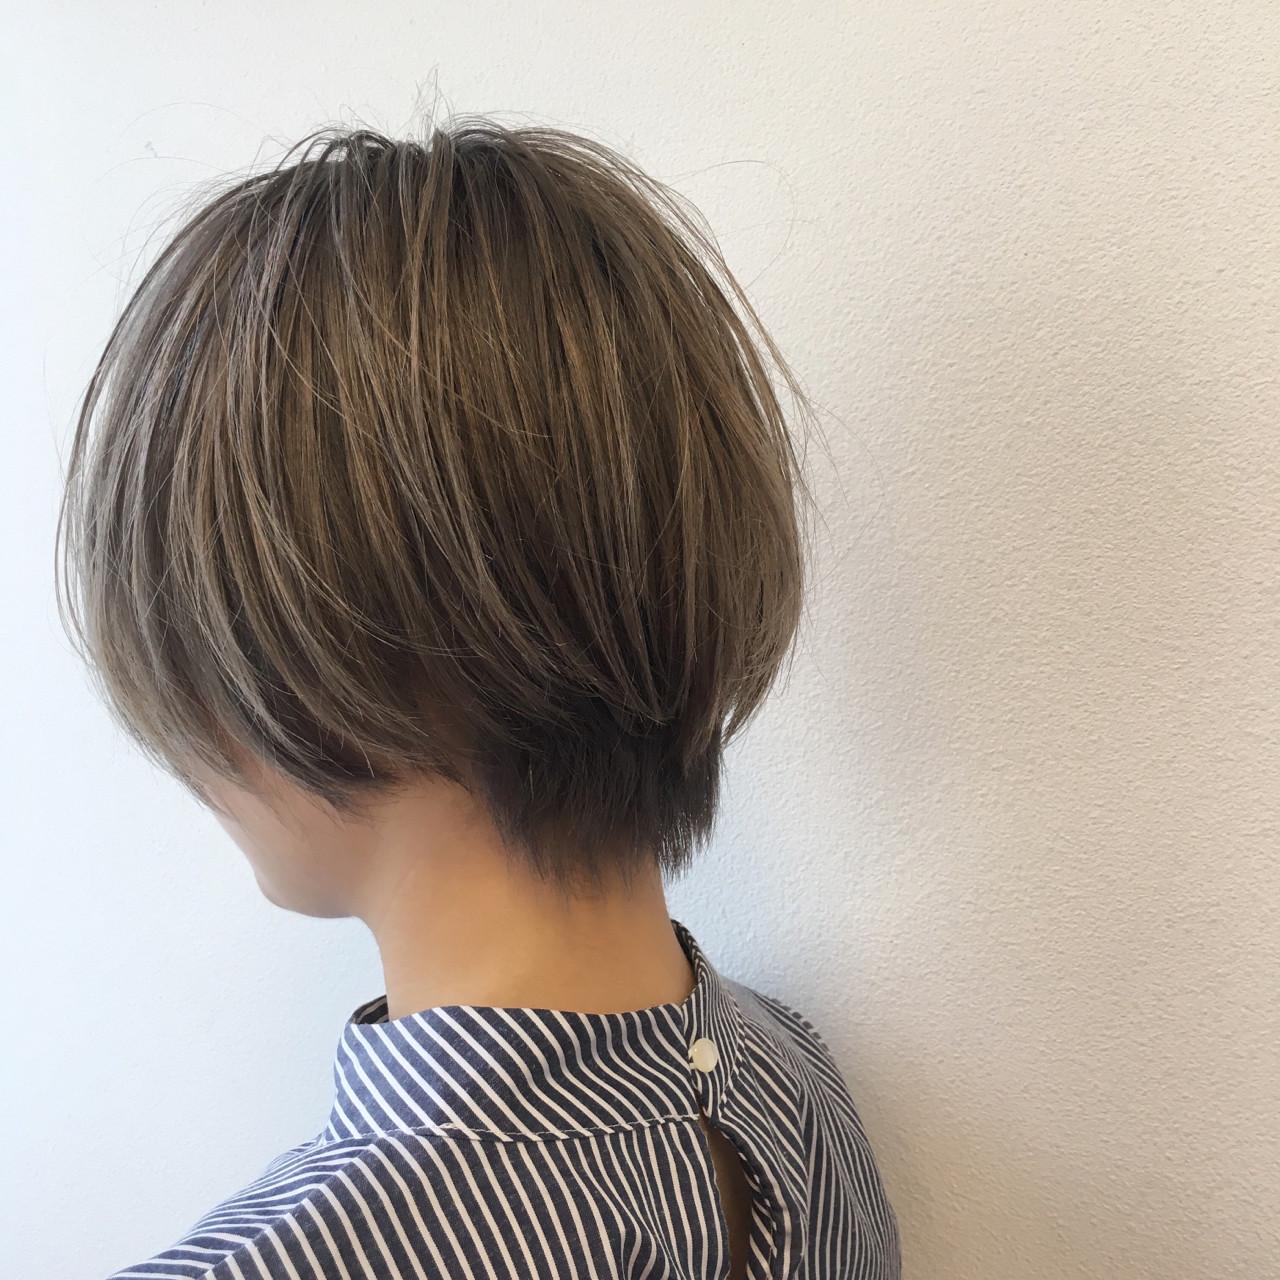 アッシュ ハイトーン ハイライト ショート ヘアスタイルや髪型の写真・画像